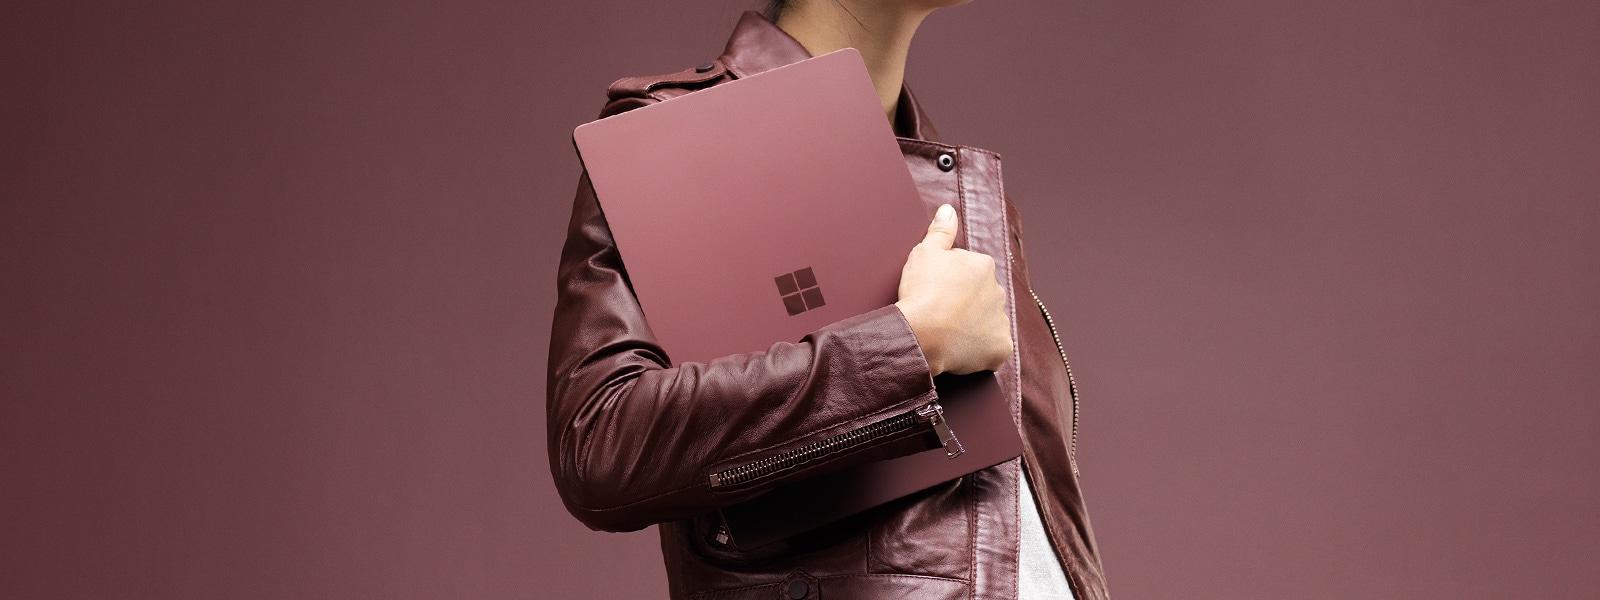 Modna kobieta z bordowym Surface Laptop